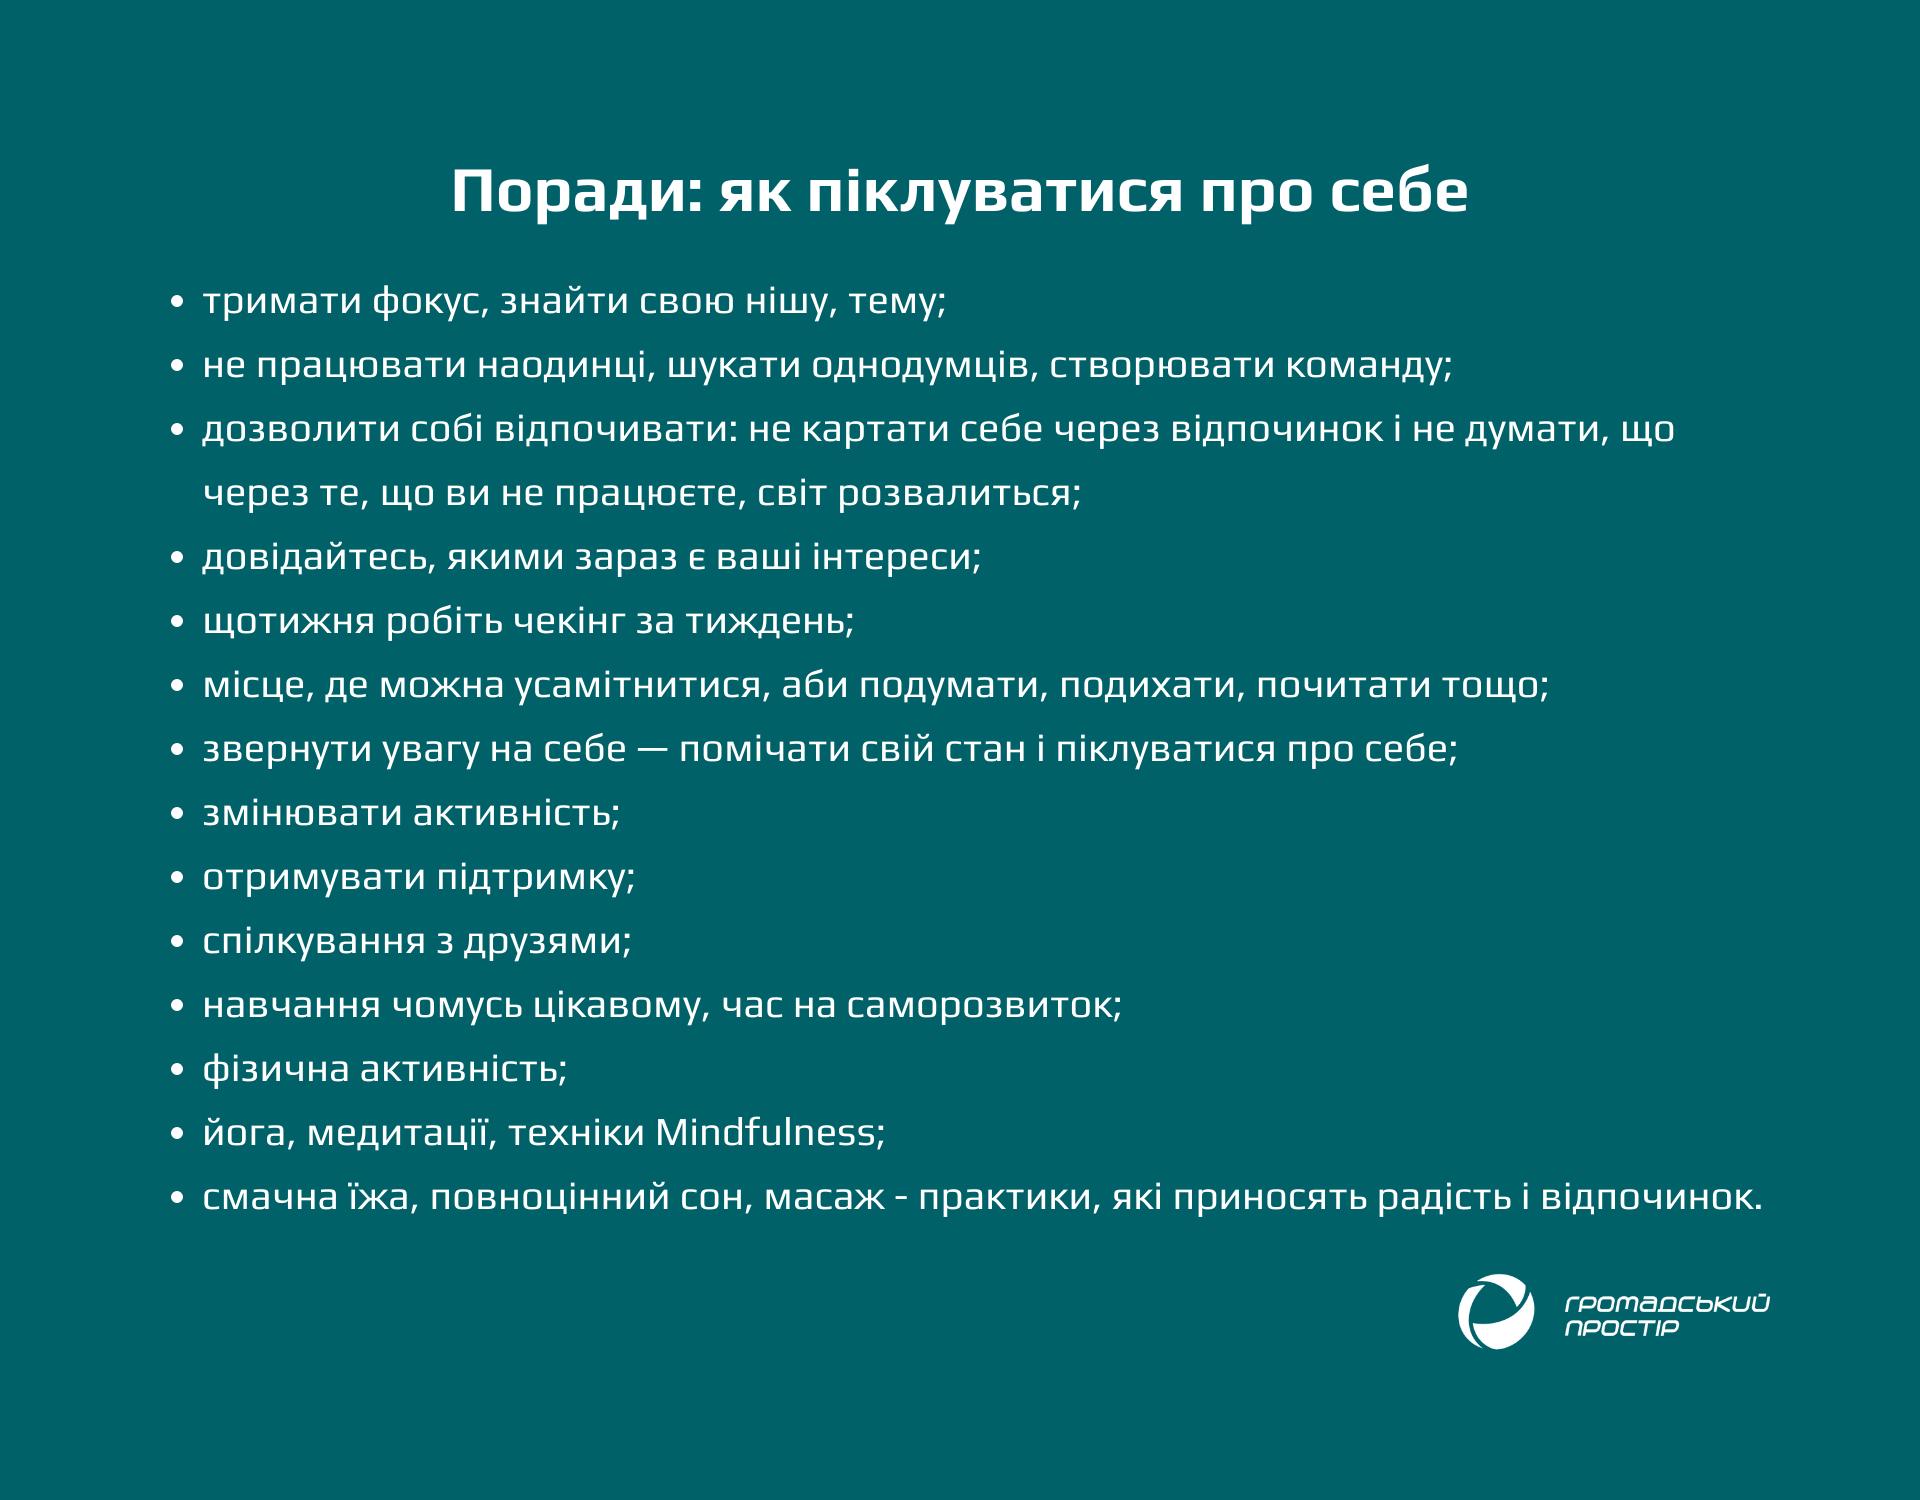 GP_infgrfc(6)